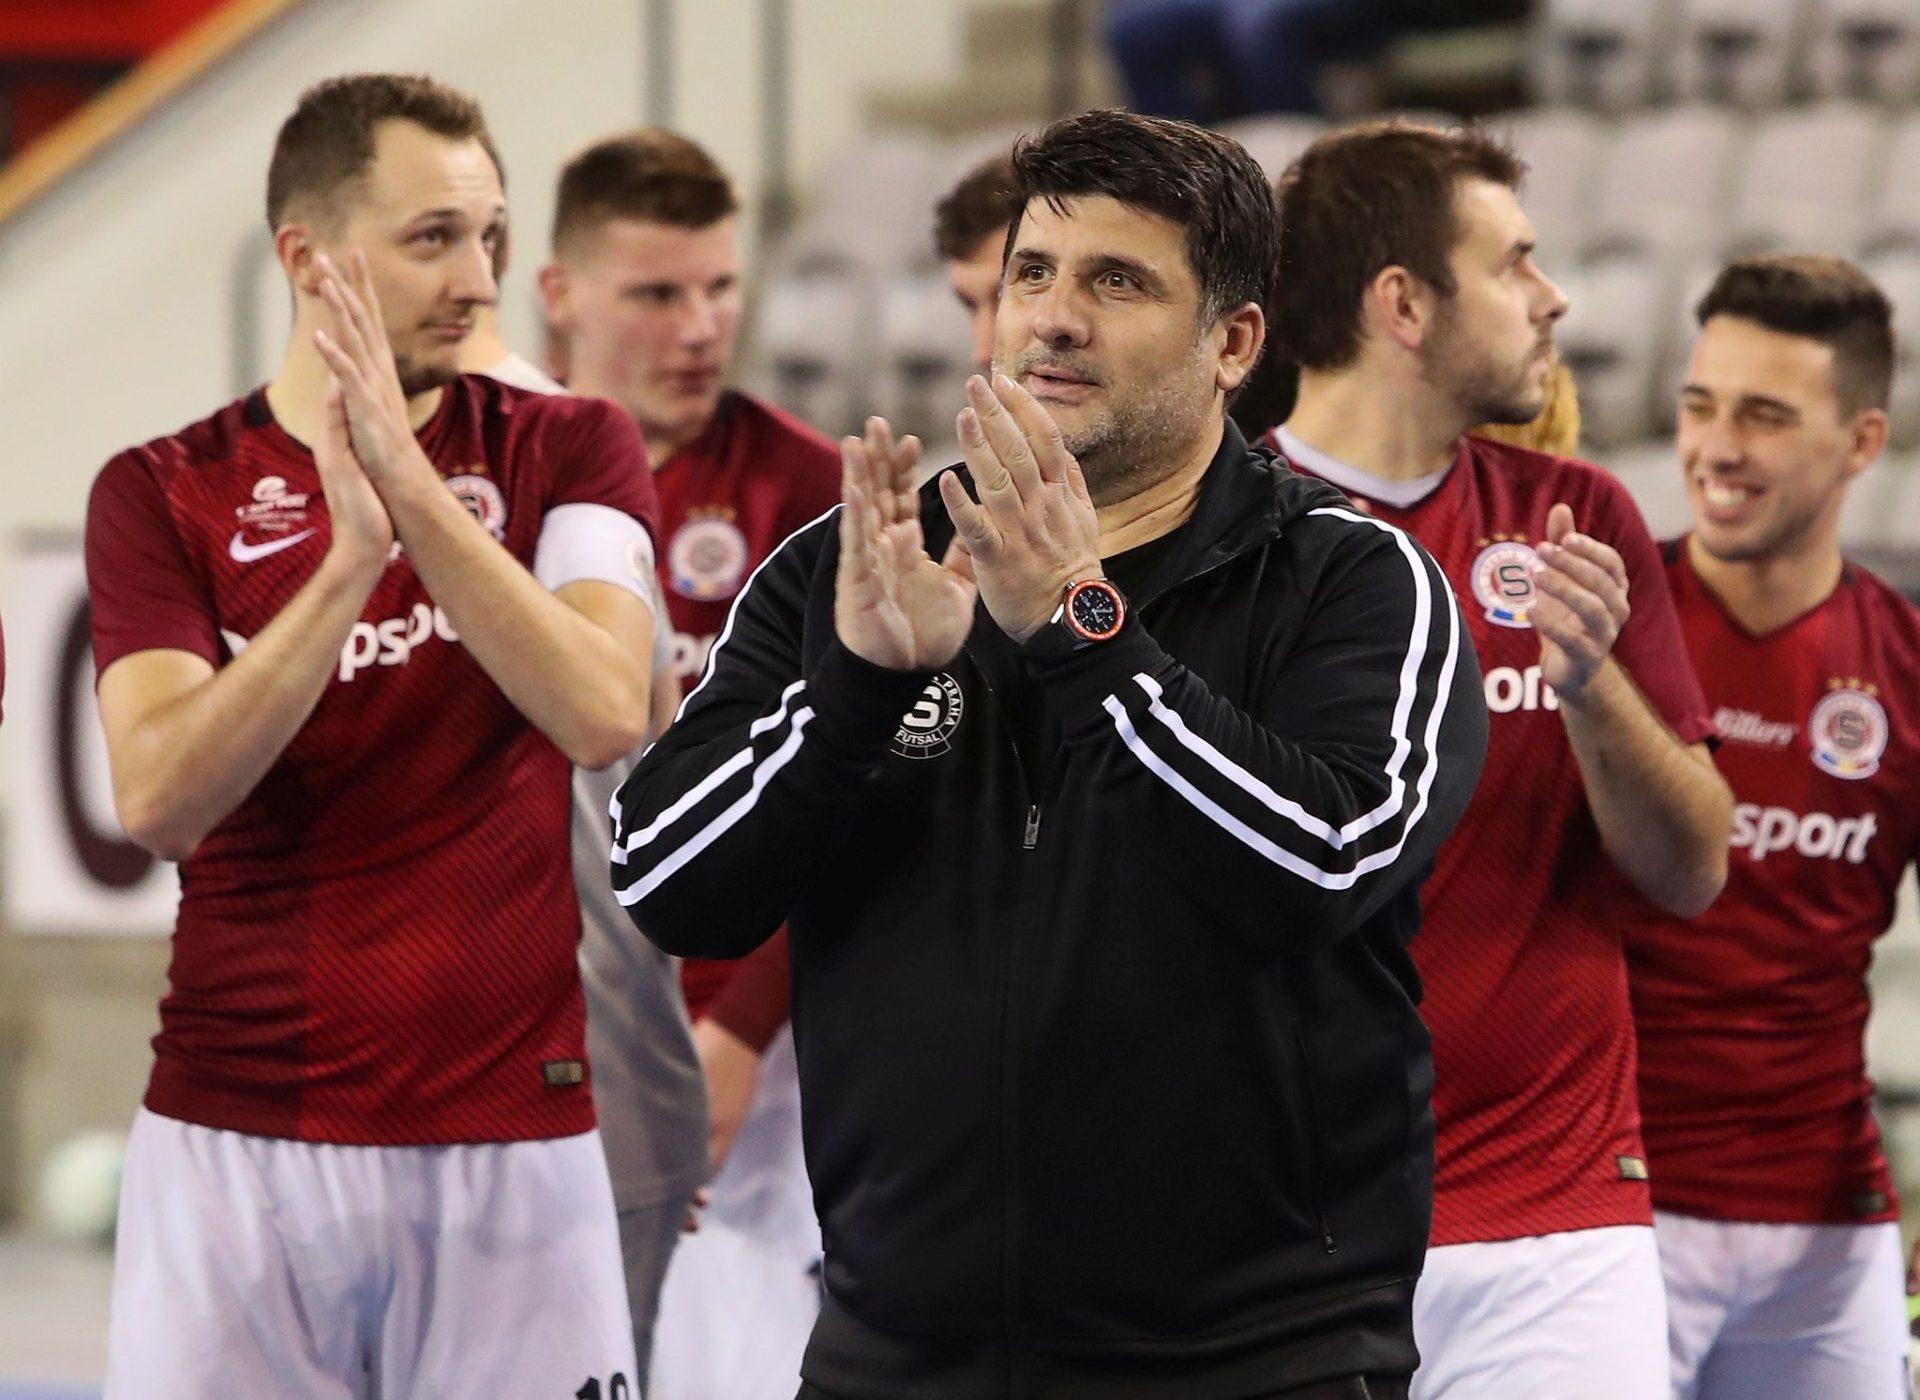 Futsalová Sparta doma vládne, dobré jméno má i v Evropě. Chceme, aby další sezona byla ještě lepší, velí kouč Simitči